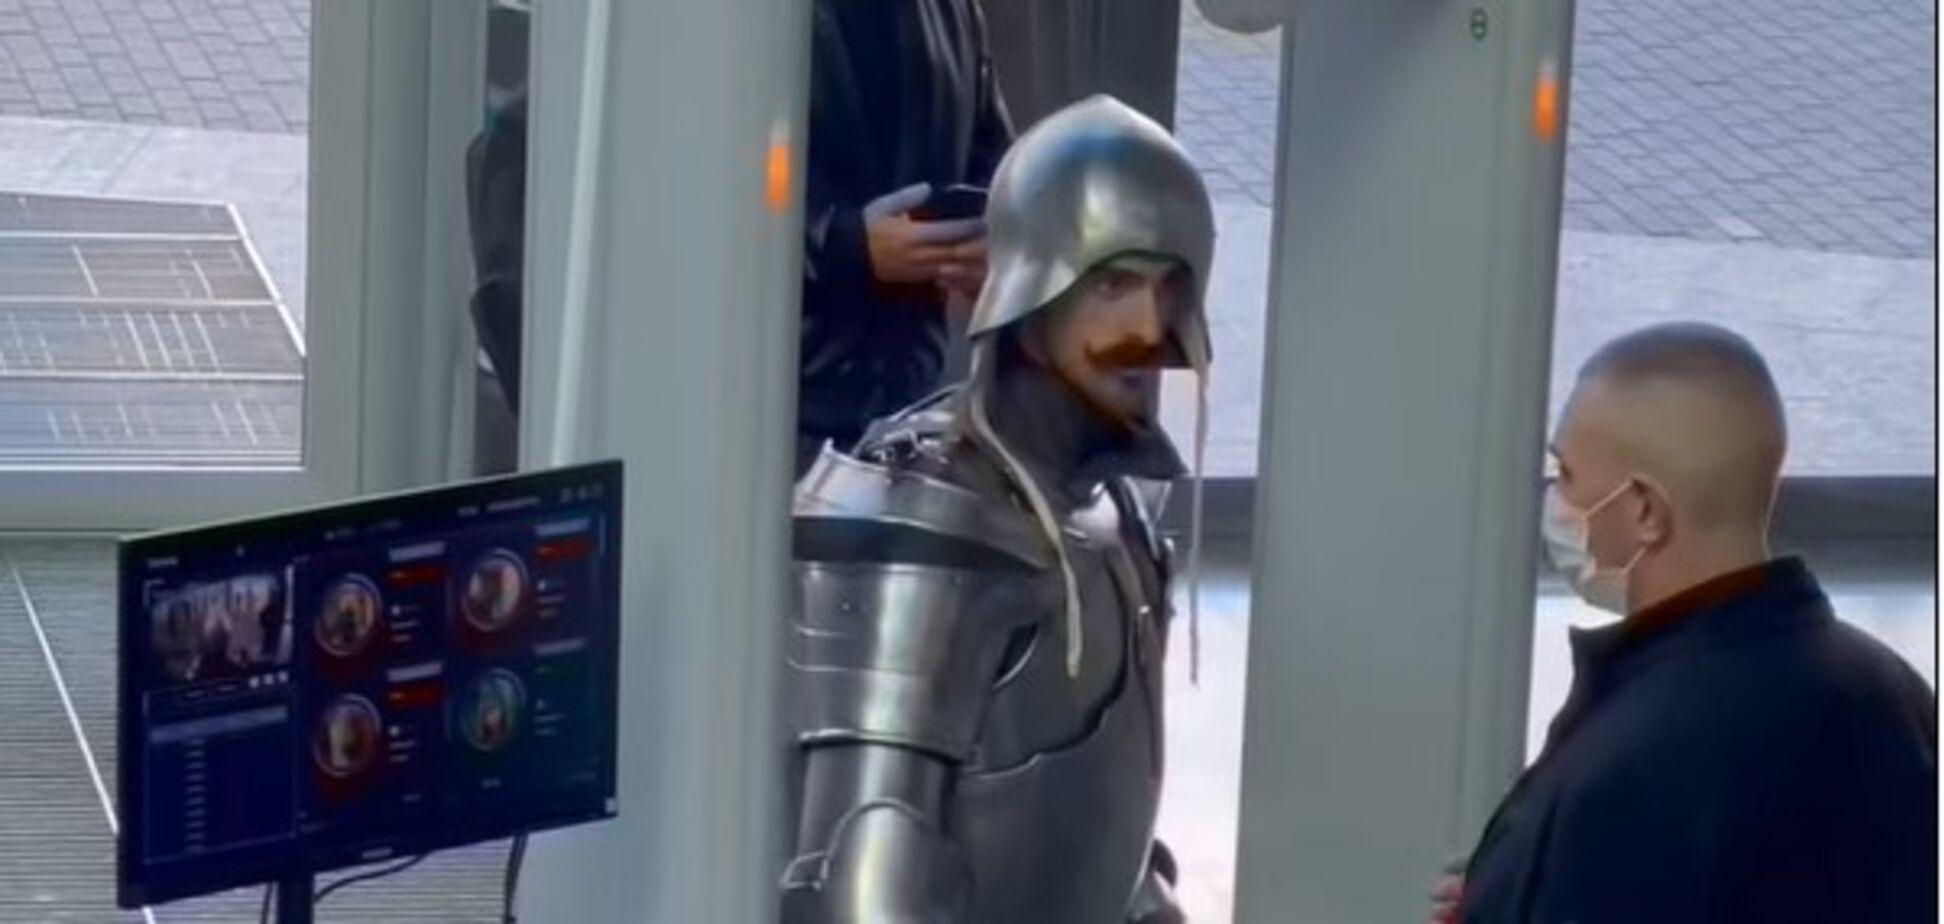 В ТРЦ Киева пришел рыцарь в доспехах